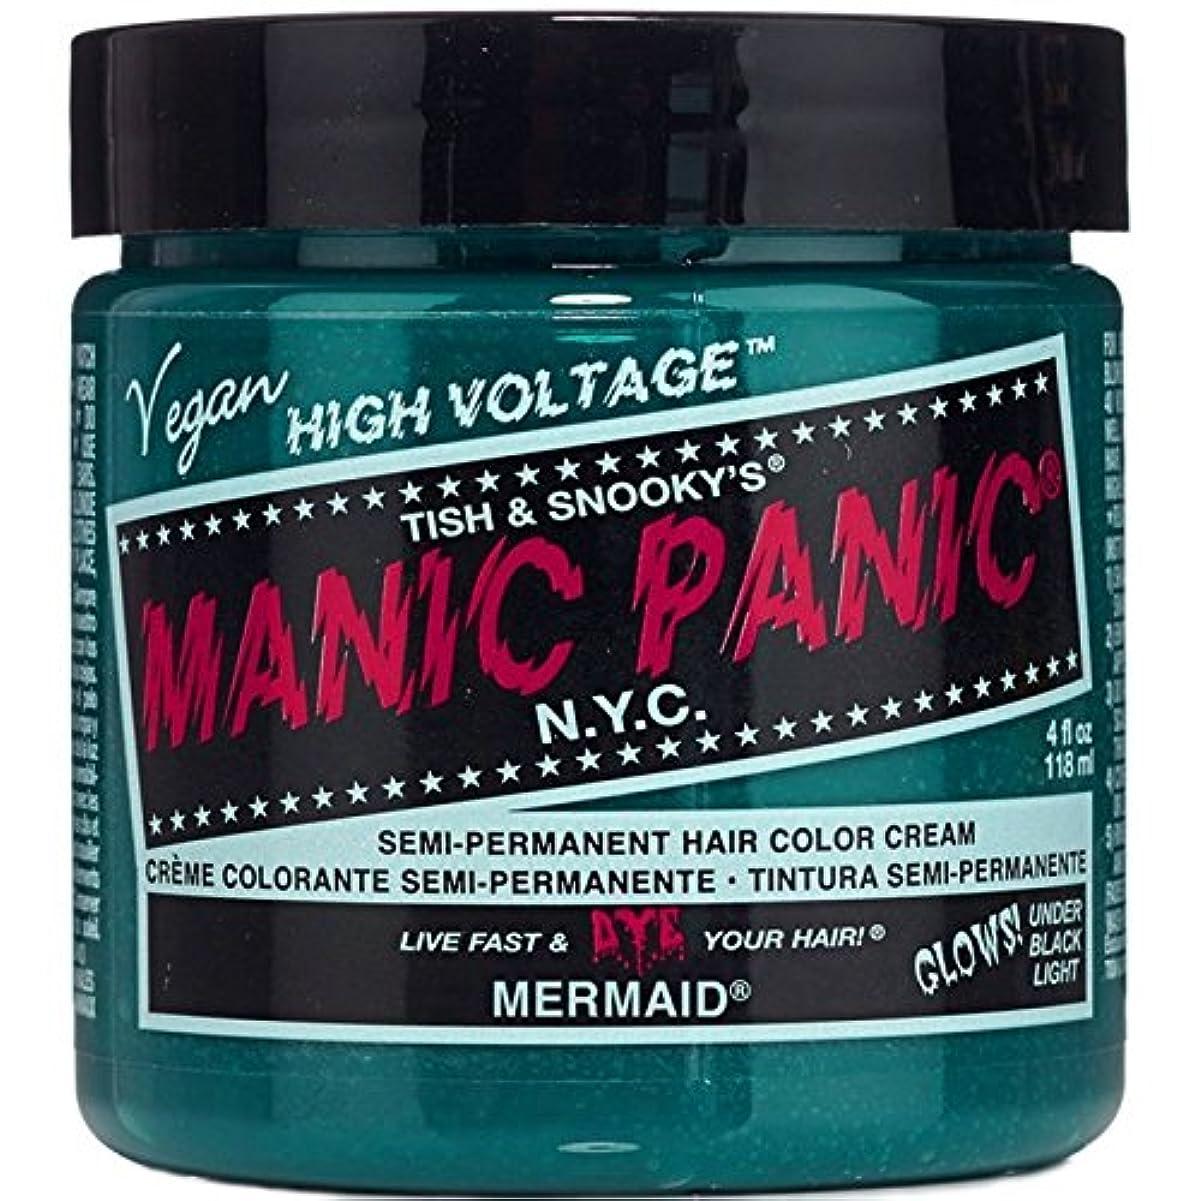 ではごきげんよう重要な役割を果たす、中心的な手段となるおじさんスペシャルセットMANIC PANICマニックパニック:MERMAID (マーメイド)+ヘアカラーケア4点セット